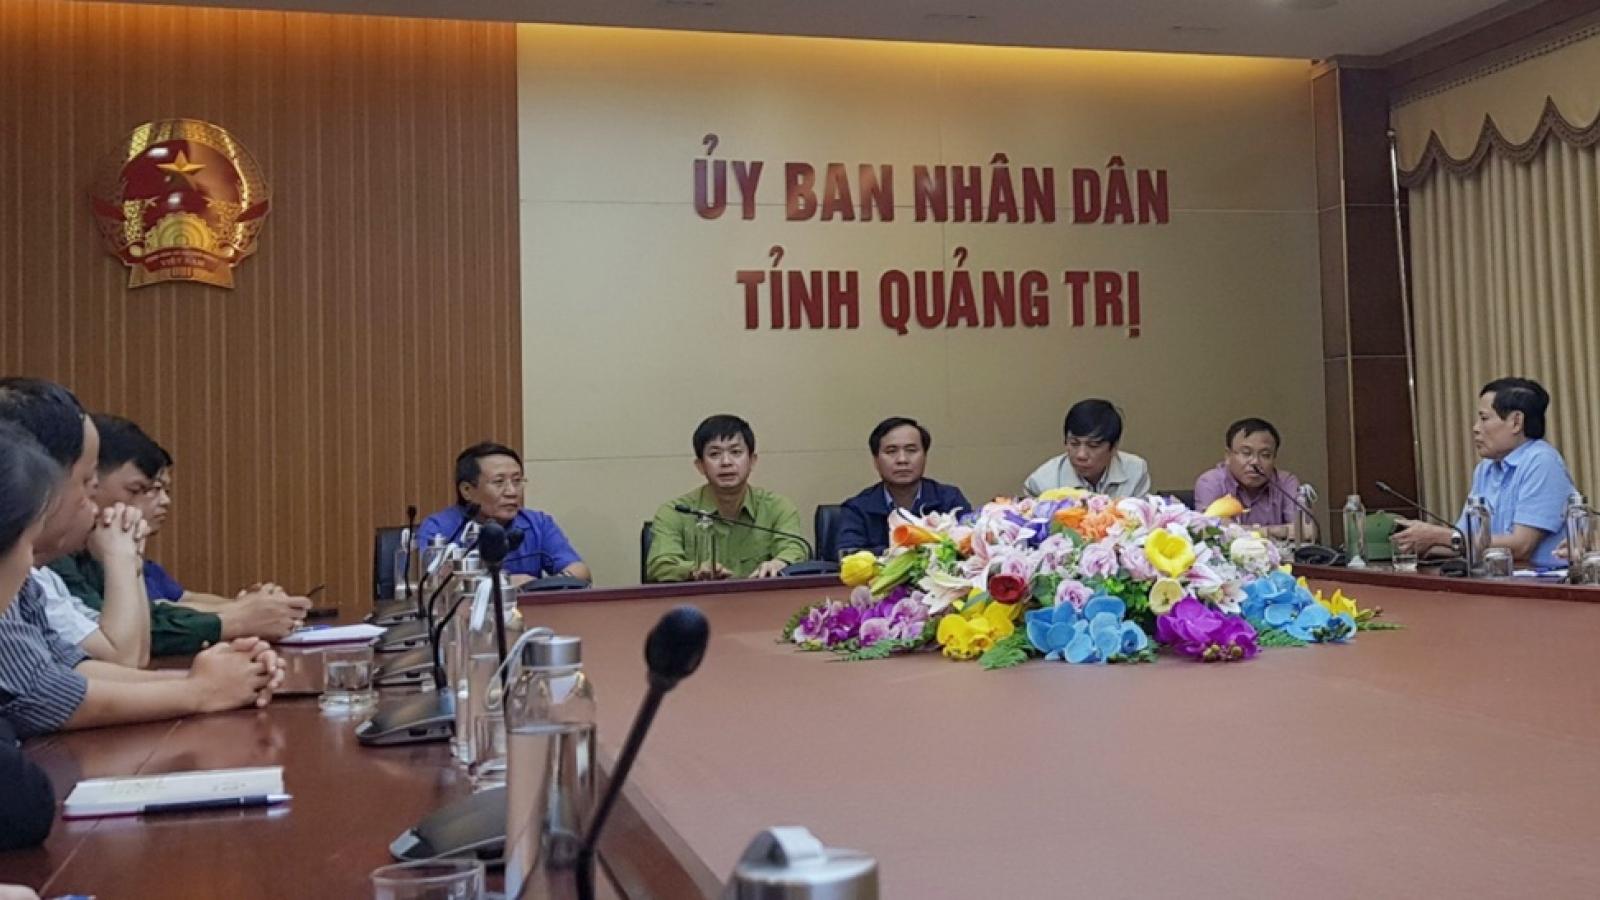 Họp khẩn ứng phó với mưa lũ, sạt lở đất nghiêm trọng tại Quảng Trị